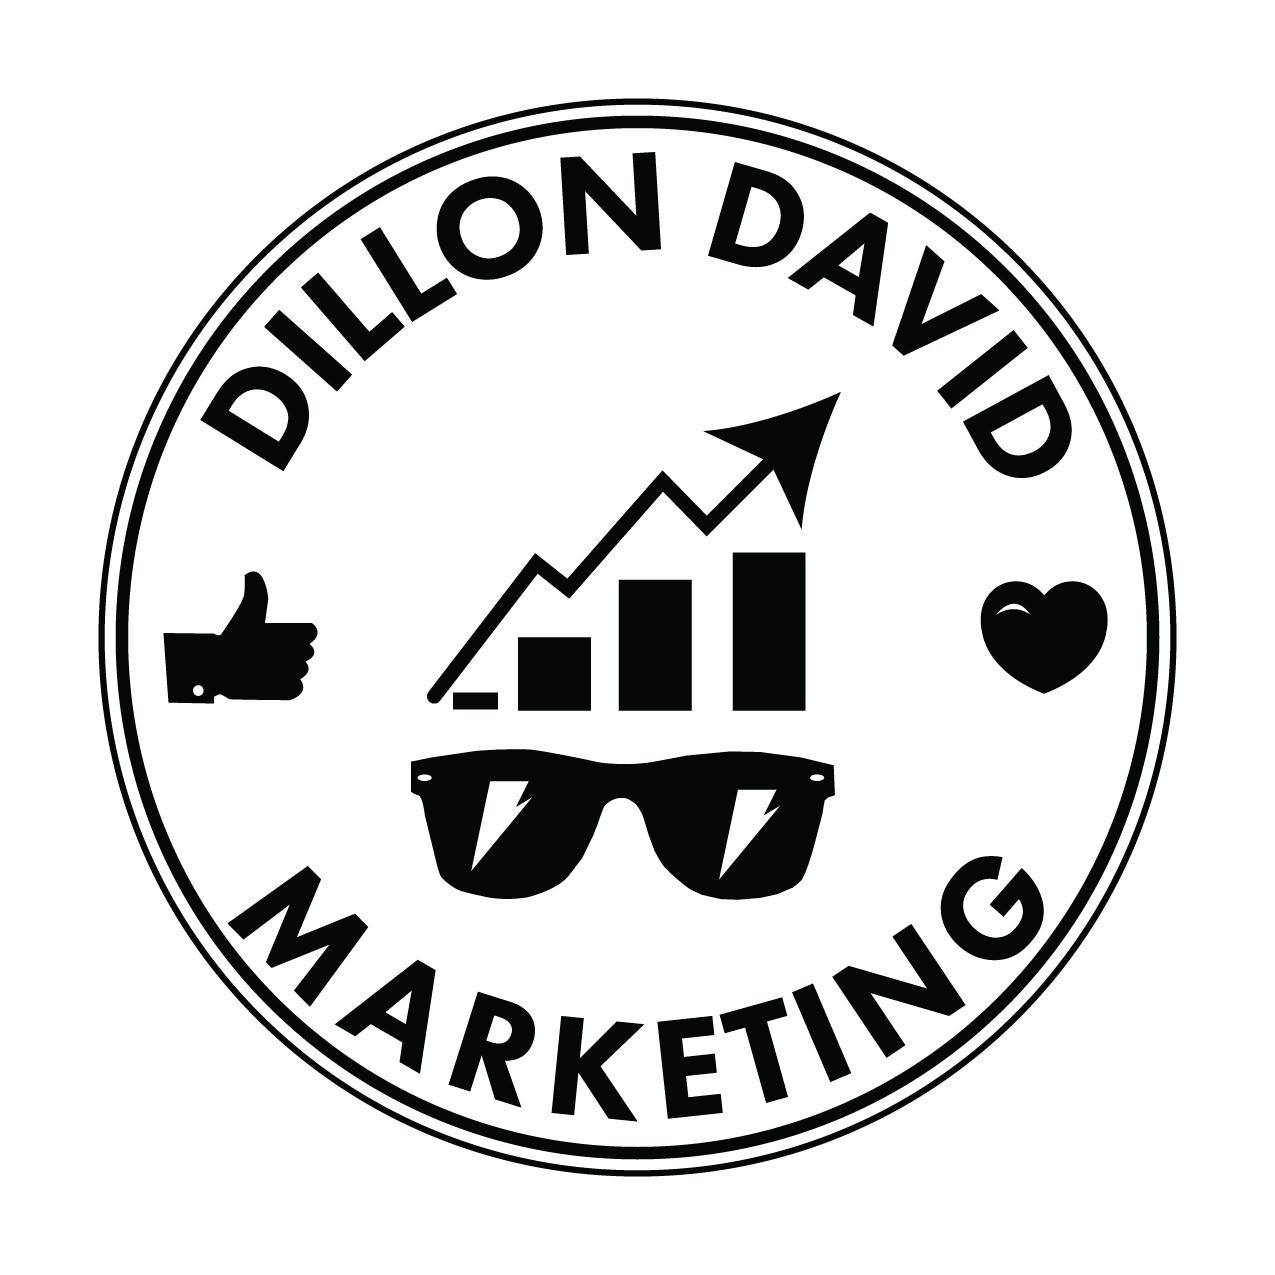 chris alexakis_dillon david logos(white)-01.jpg